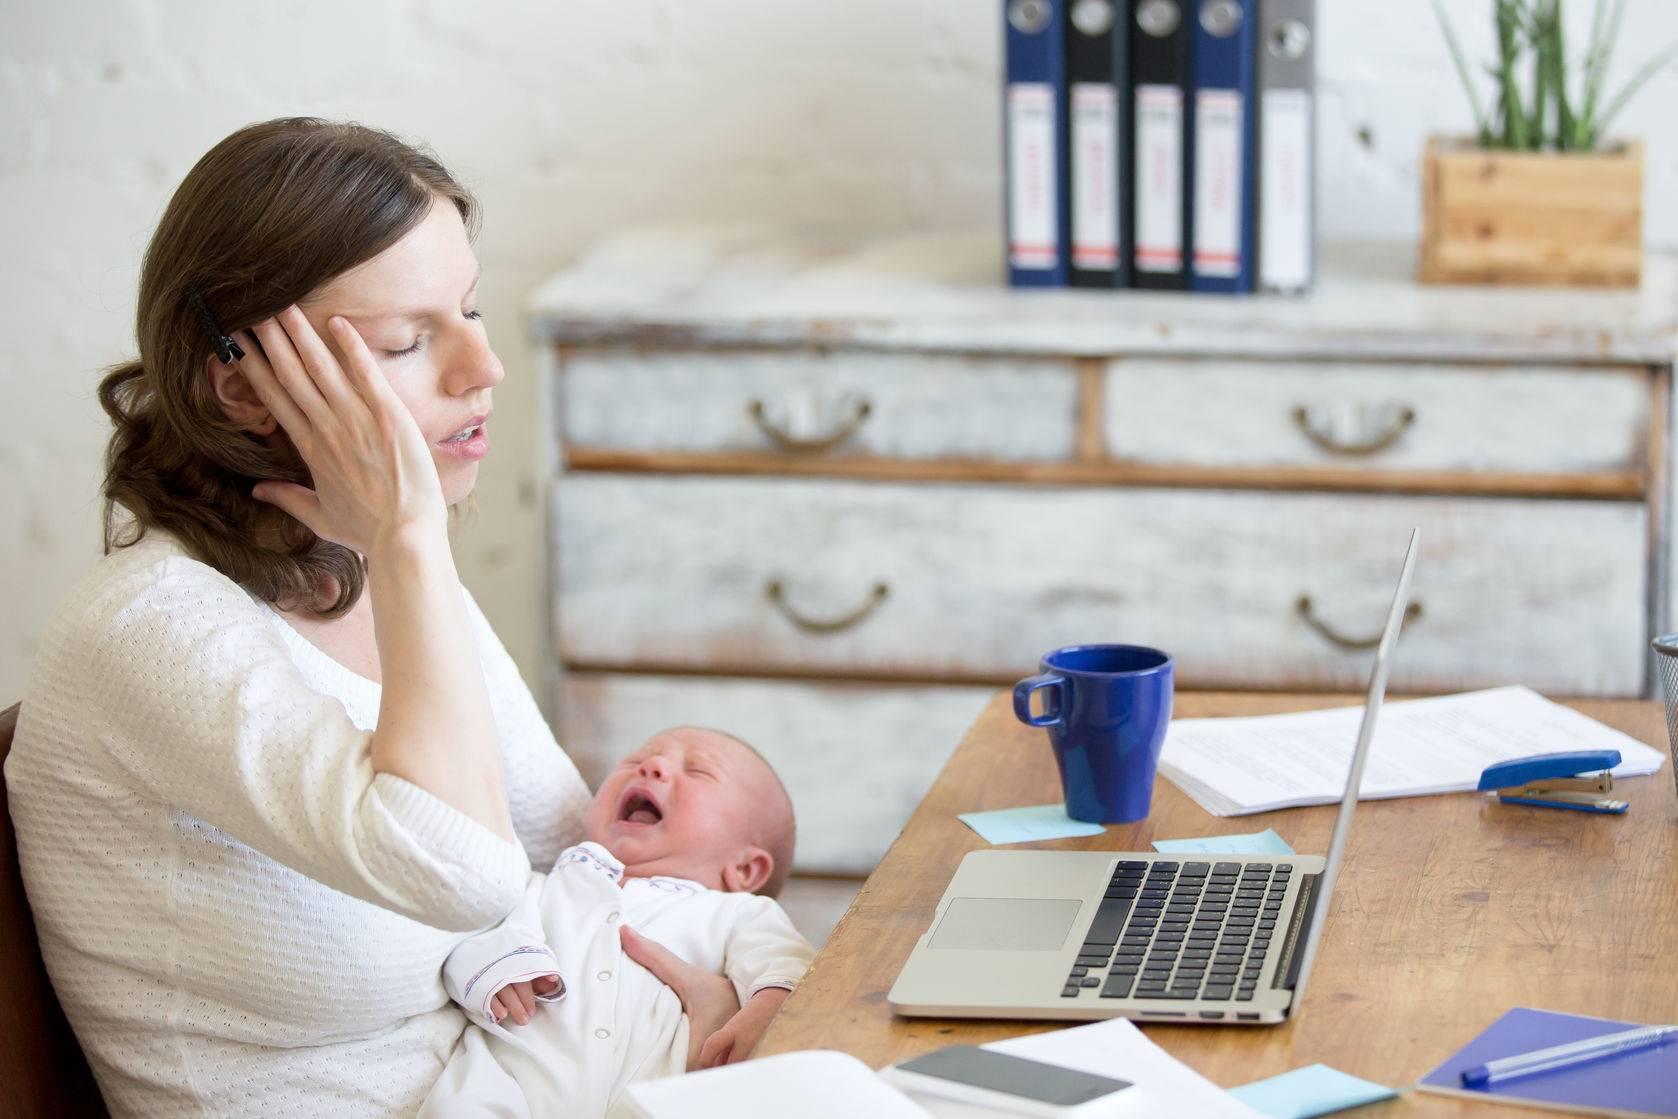 Чем заняться в декрете до родов и после рождения ребенка, чтобы не умереть со скуки?